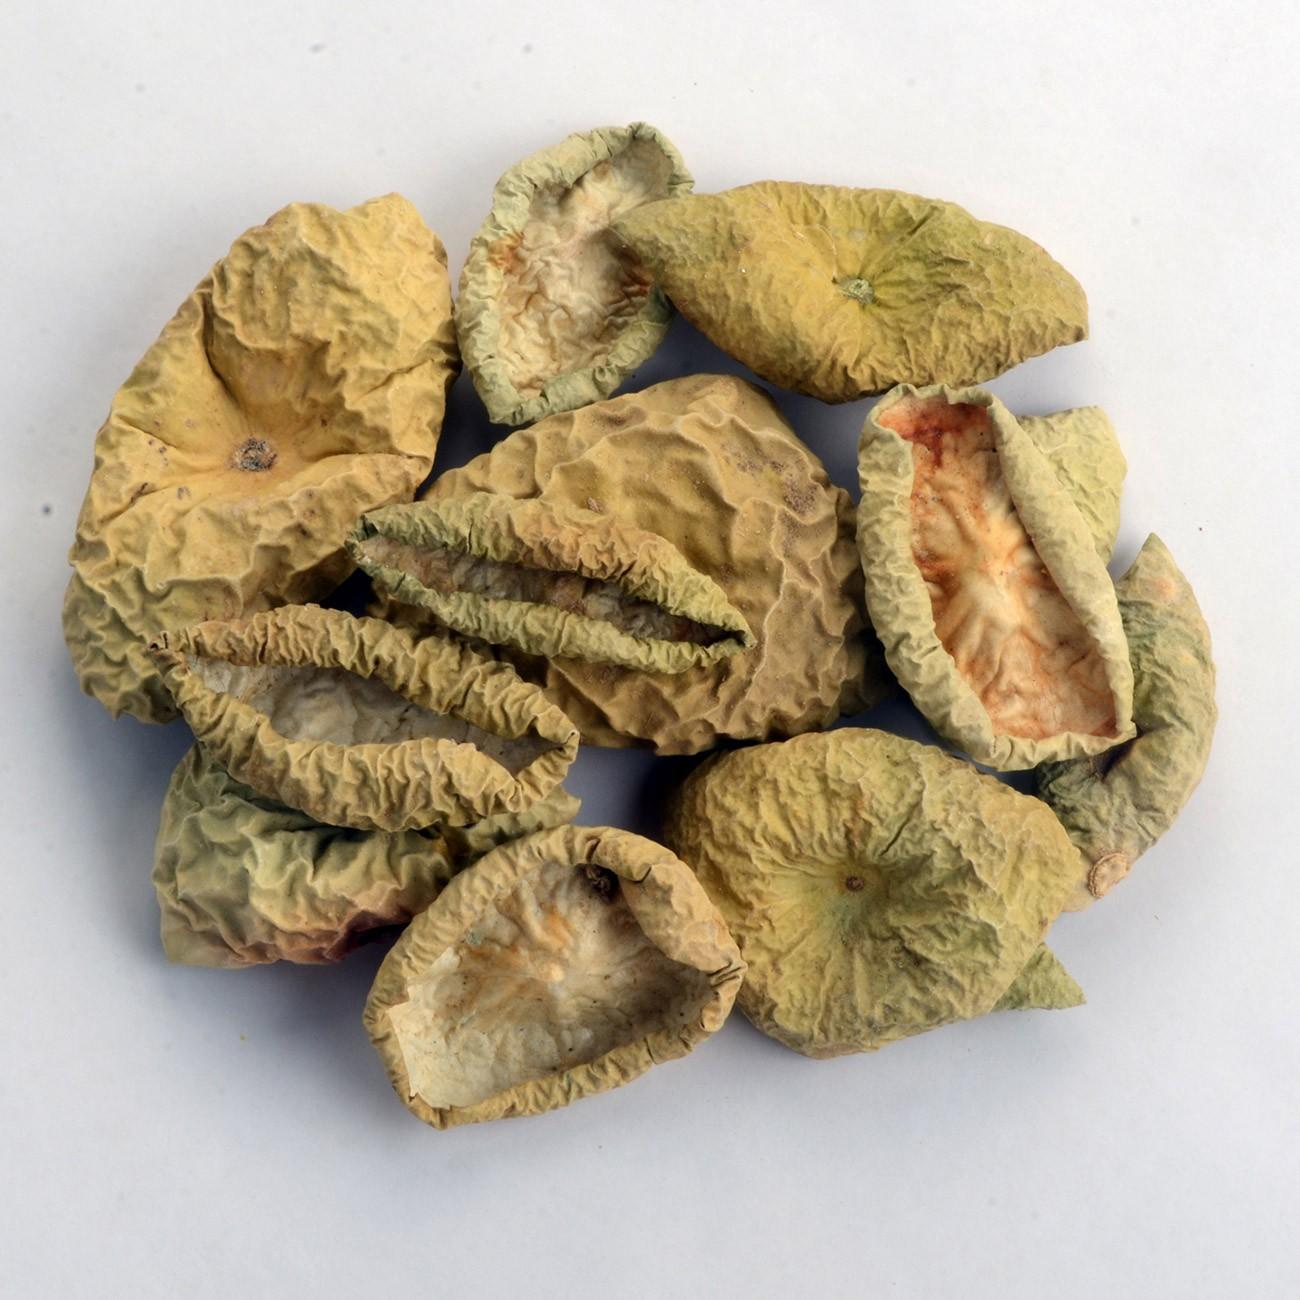 Saviagro Rajasthani Dry Vegetables